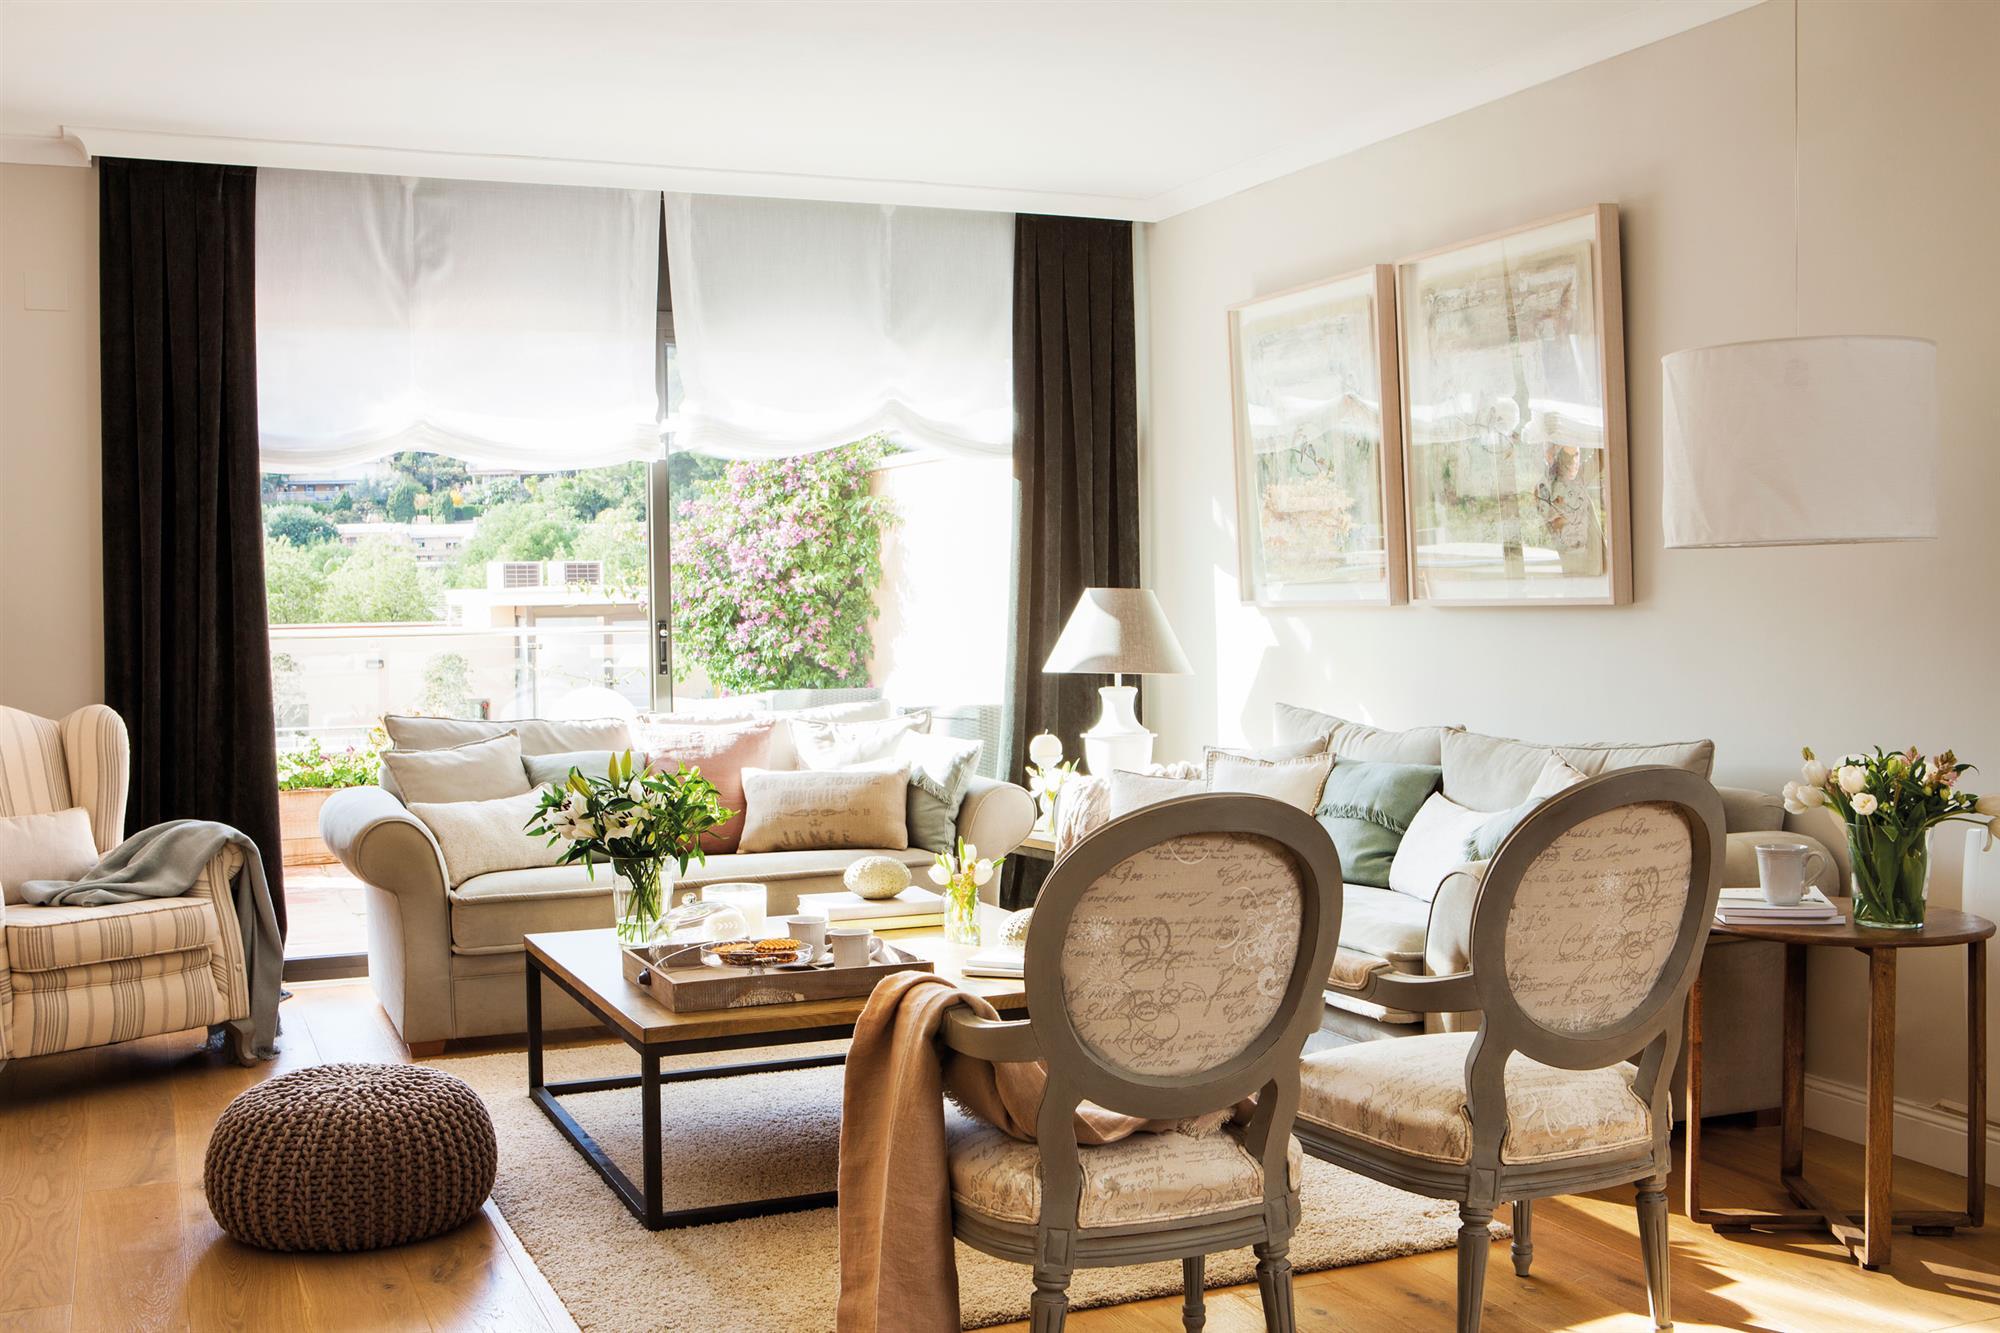 Elige el tejido perfecto para cada cortina - Todo cortinas y estores ...